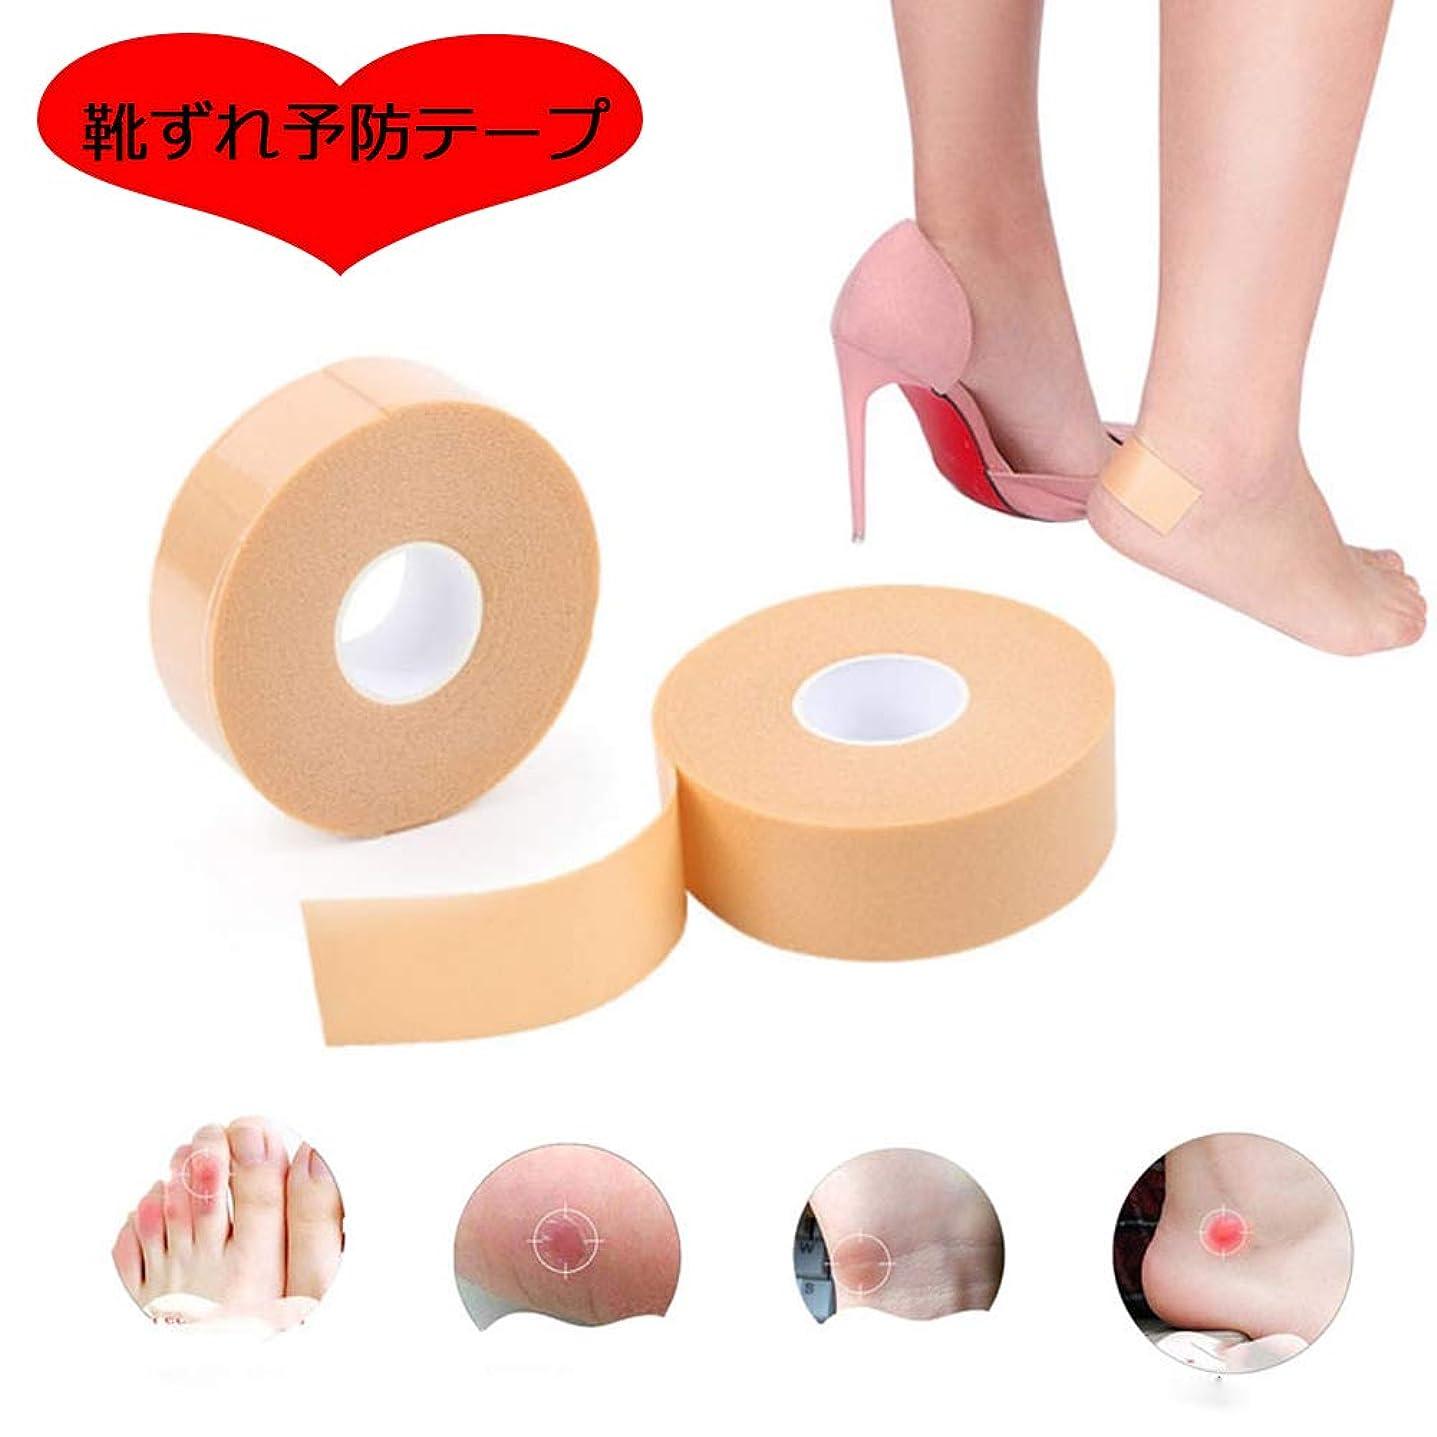 ラジエーター人工的なに負ける靴ずれ予防テープ EXTSUD 靴擦れ防止 かかと パッド ヒールステッカーテープ 2.5cm*5m グ ラインドフットステッカー 切断可能 防水 かかと保護テープ 肌色 粘着 足痛み軽減 伸縮性抜群 男 女兼用